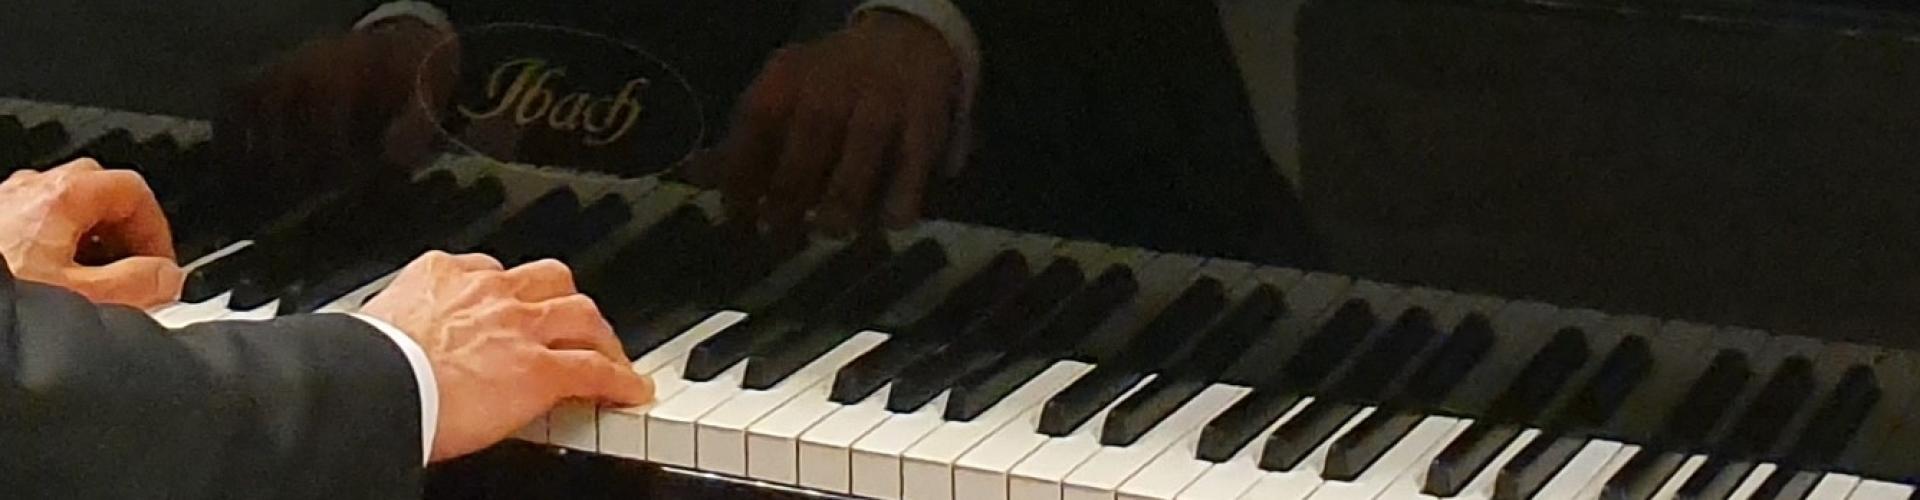 Pianoles van Hans